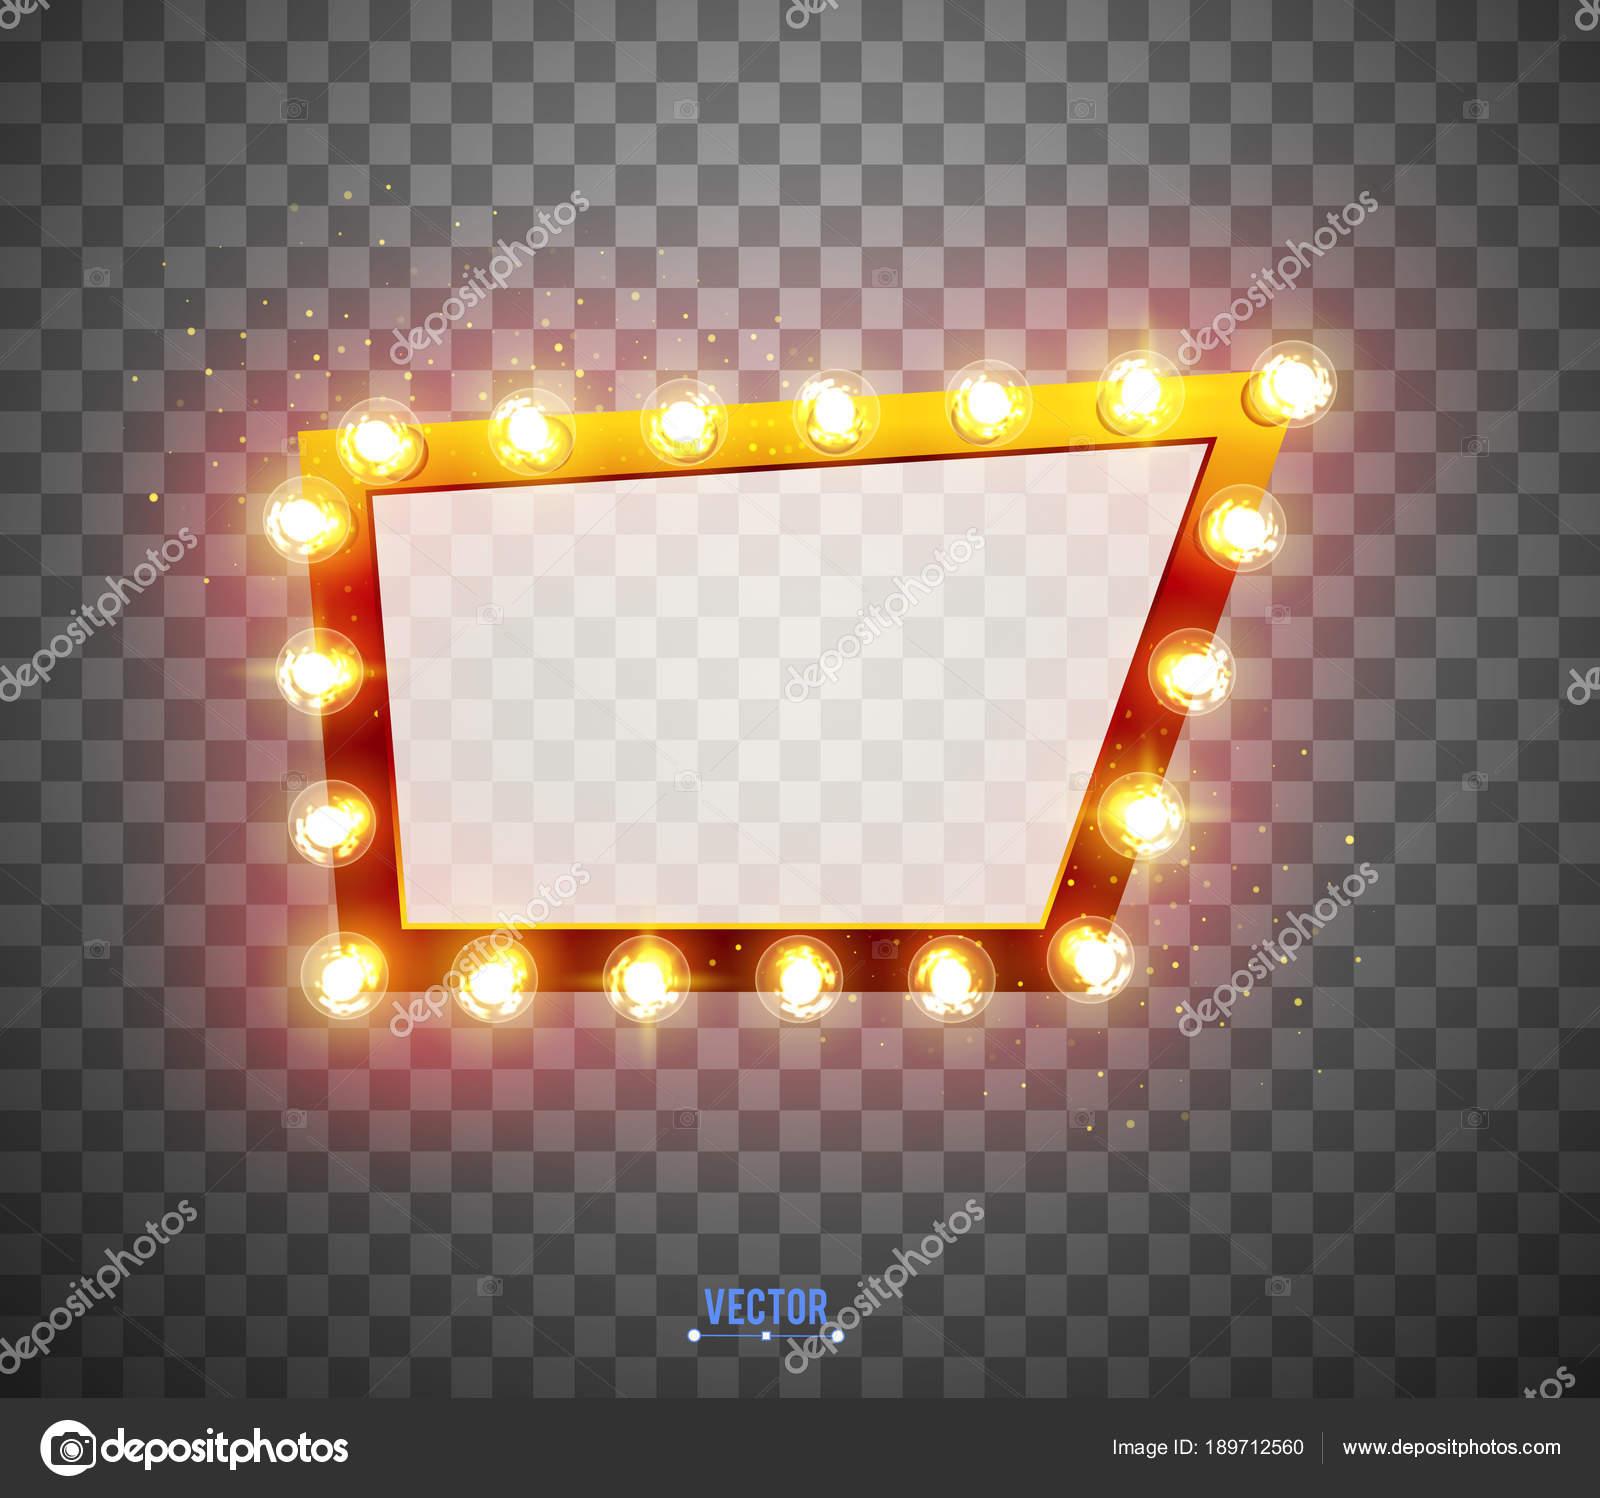 imágenes efectos especiales de brillantes luces retro de diseño